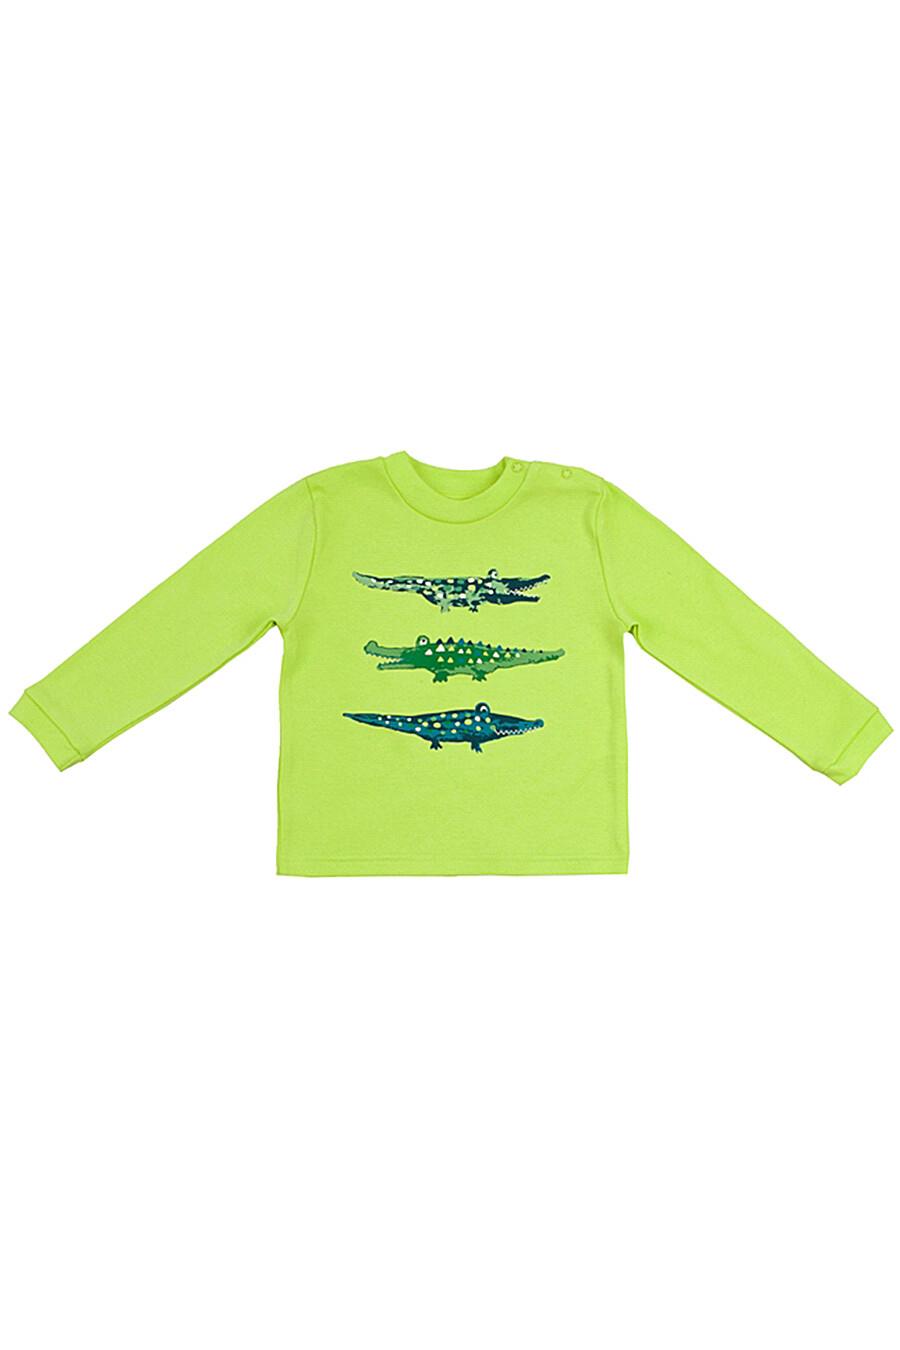 Джемпер для мальчиков АПРЕЛЬ 699904 купить оптом от производителя. Совместная покупка детской одежды в OptMoyo